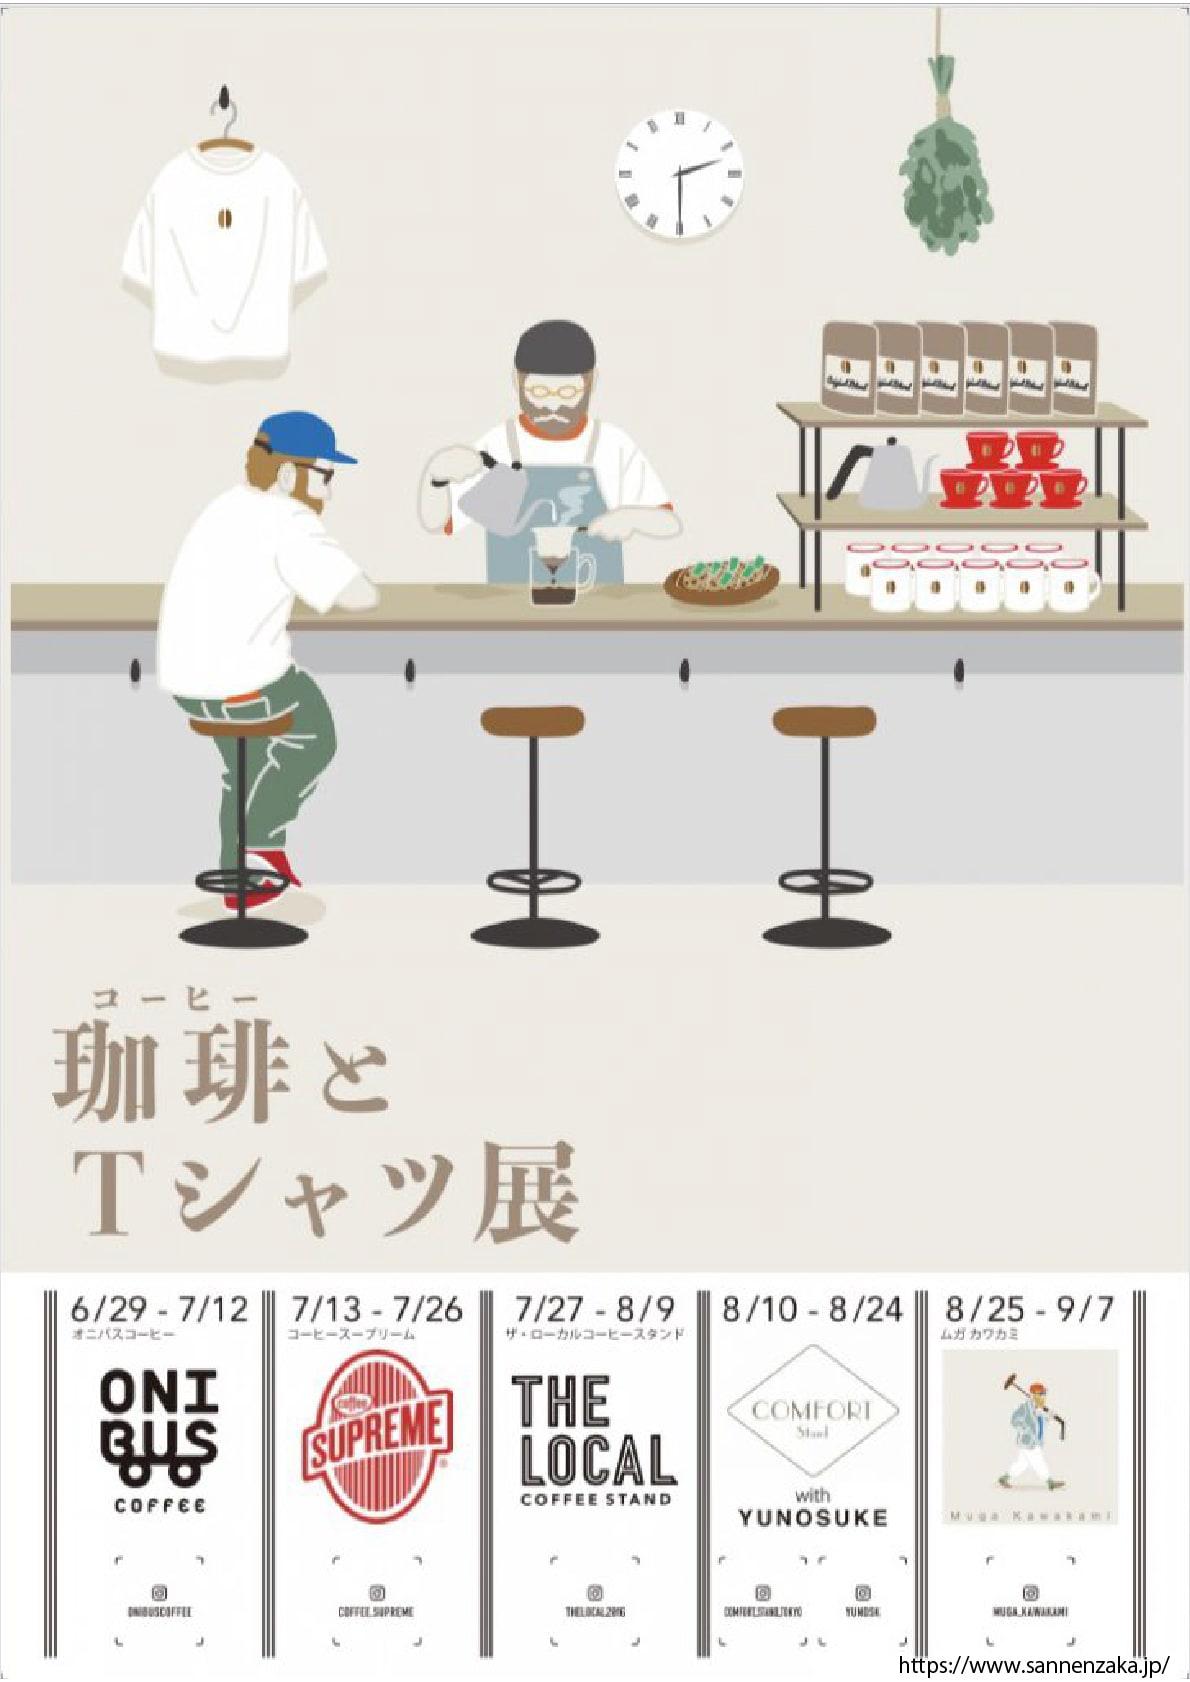 珈琲とTシャツ展 in 蔦屋書店 熊本三年坂チラシ1